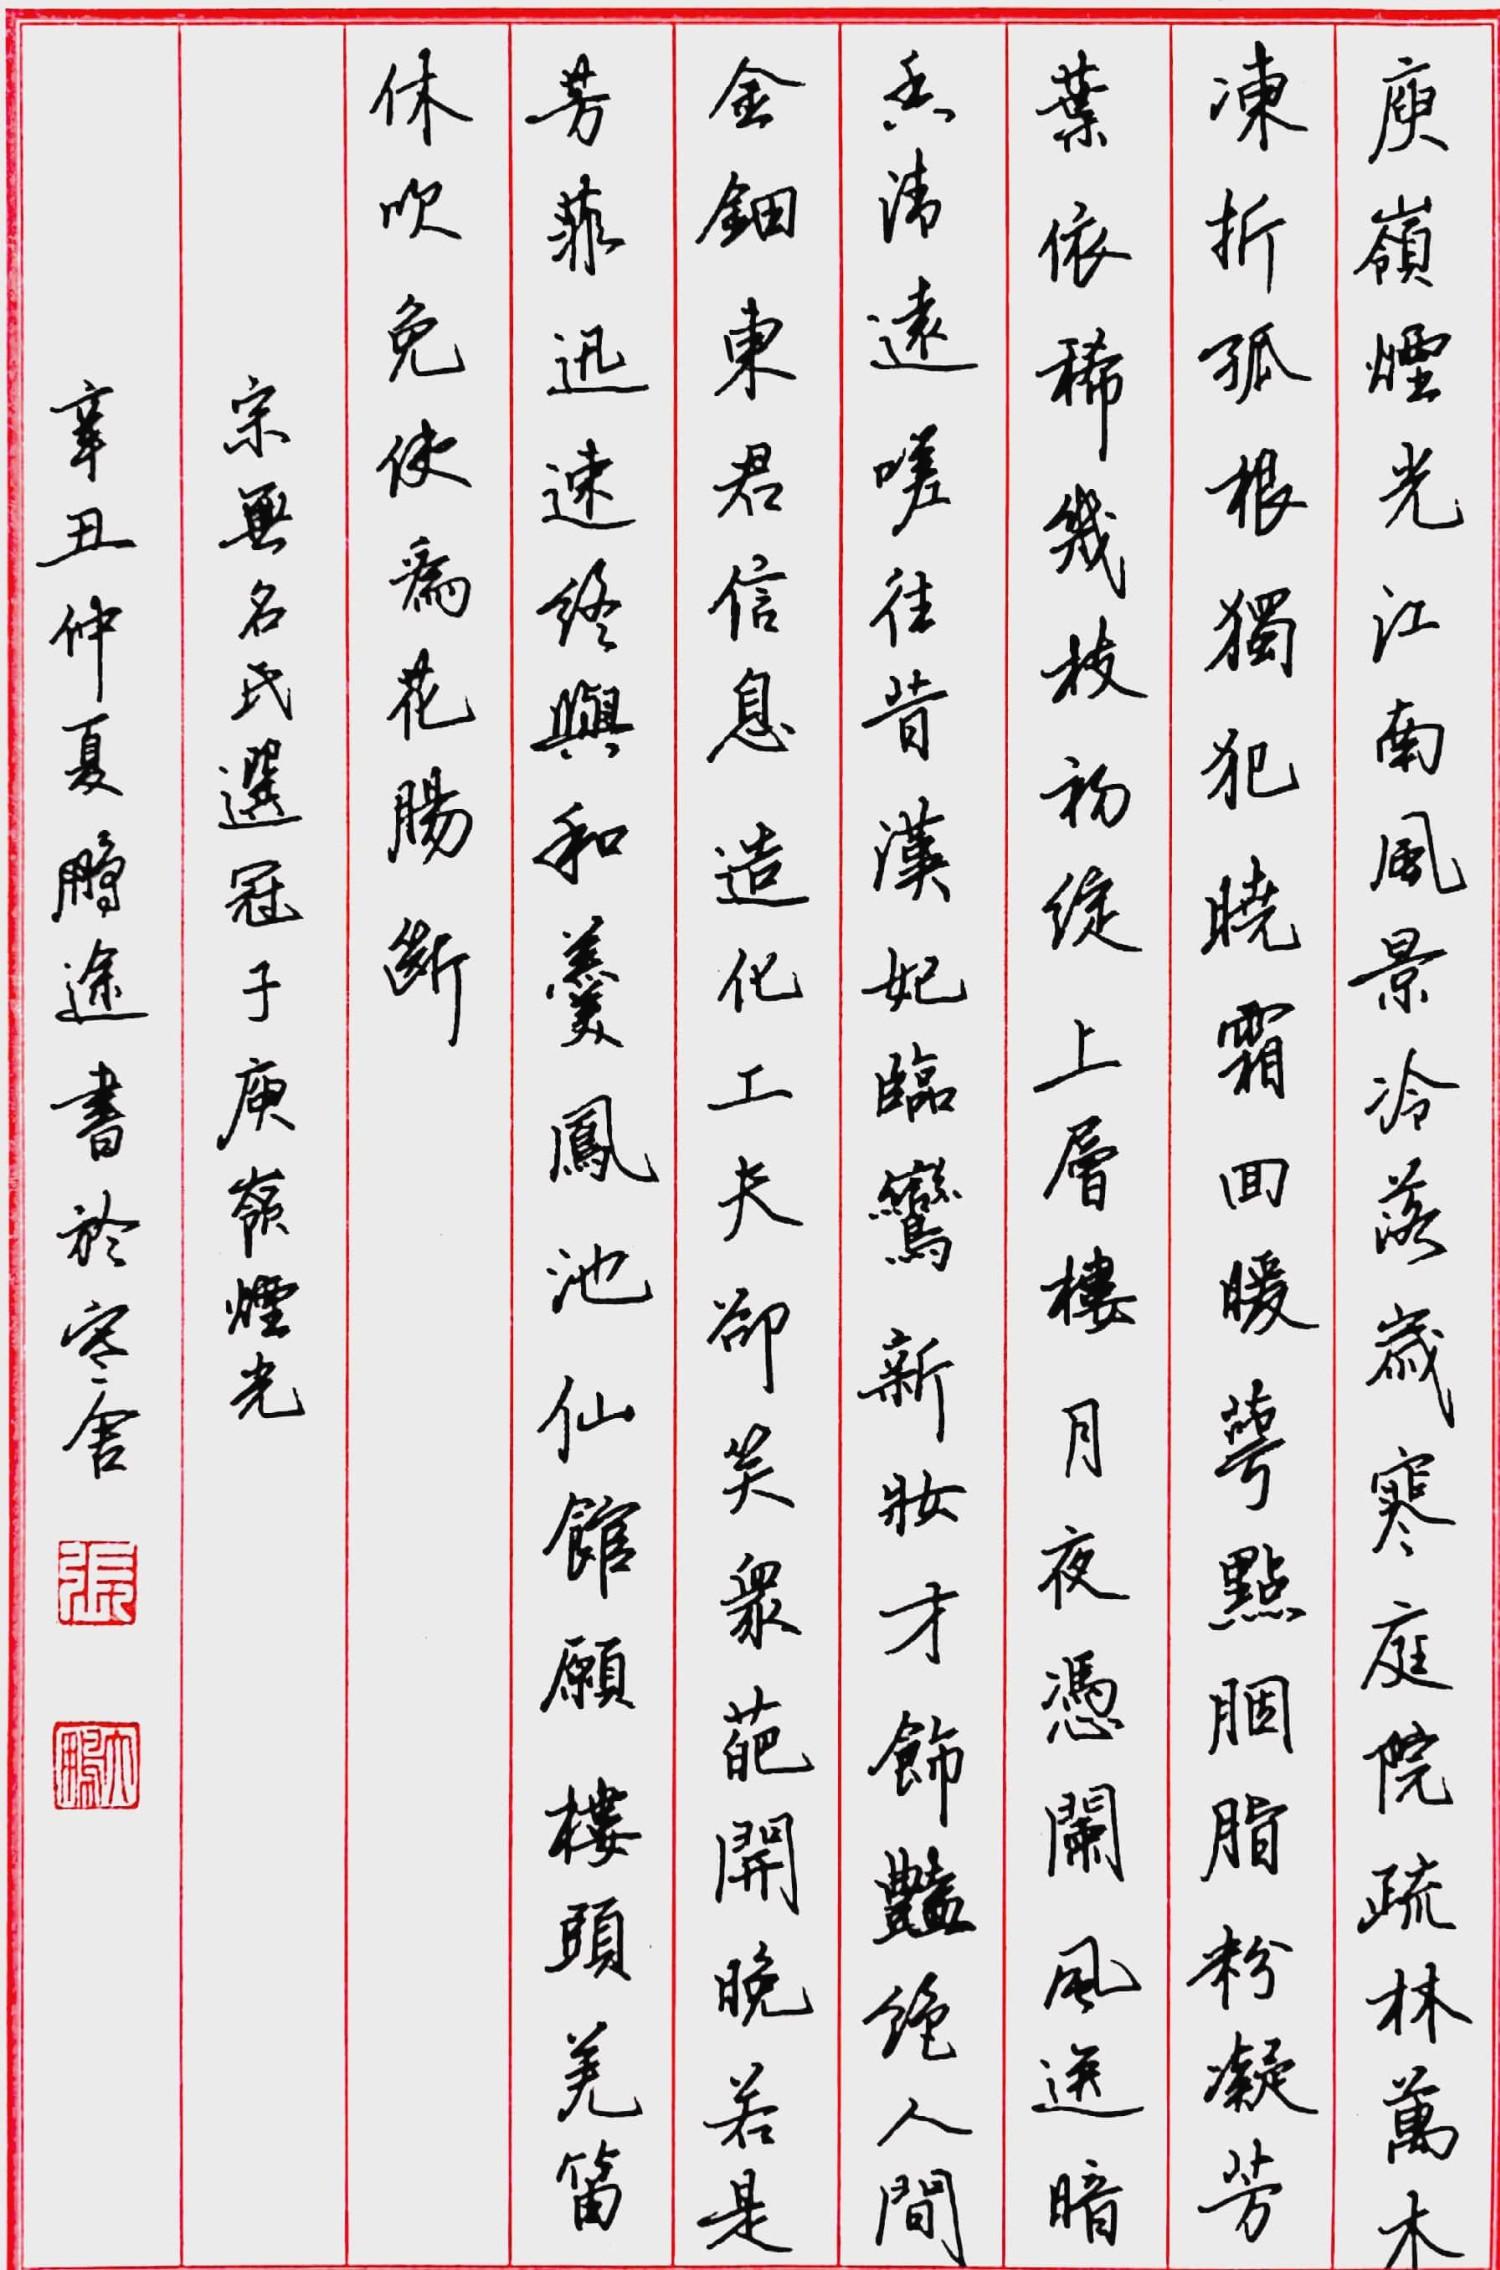 钢笔书法练字打卡20210622-20